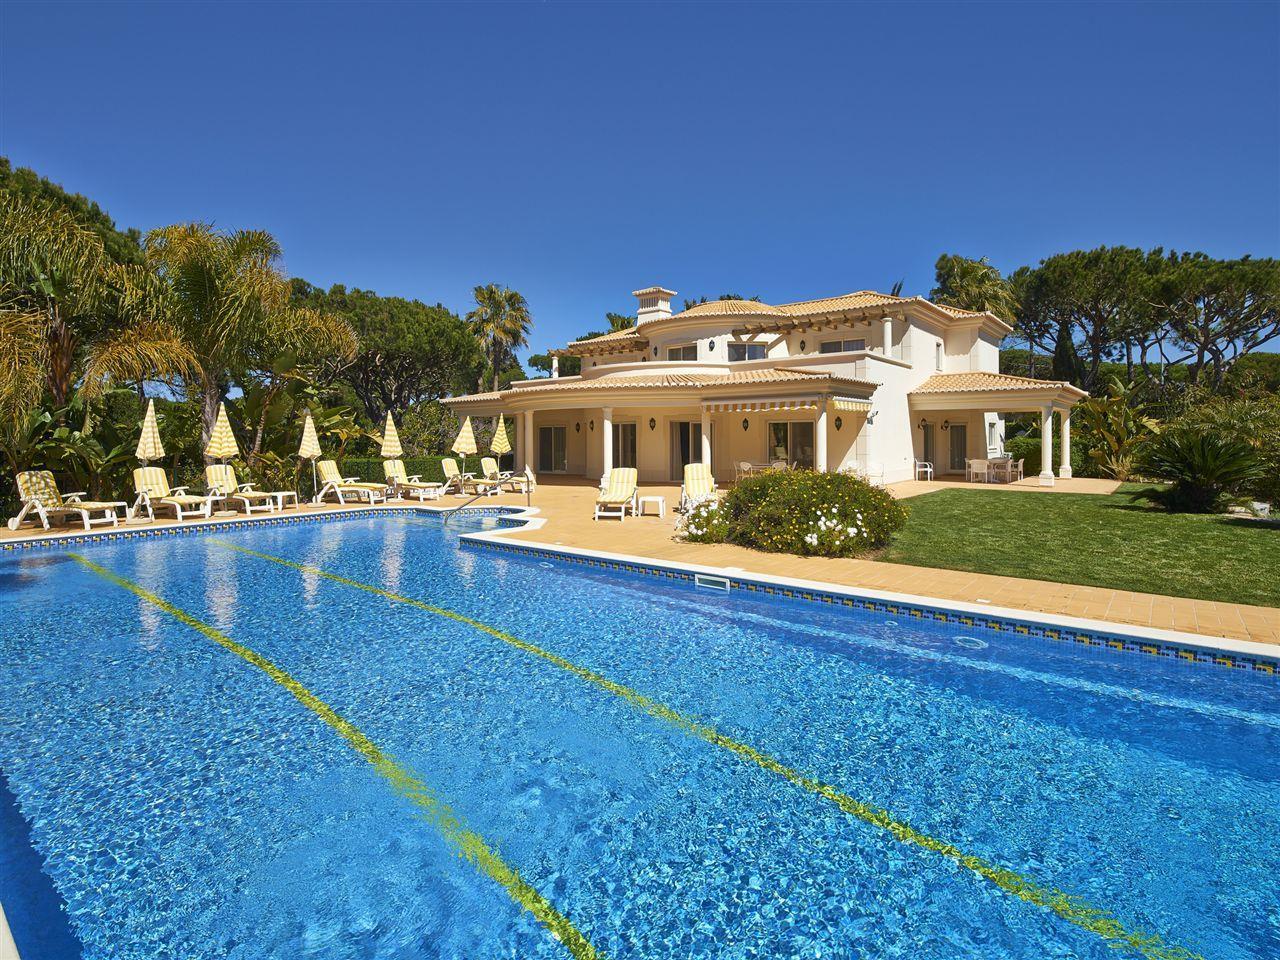 단독 가정 주택 용 매매 에 Detached house, 5 bedrooms, for Sale Loule, Algarve 포르투갈